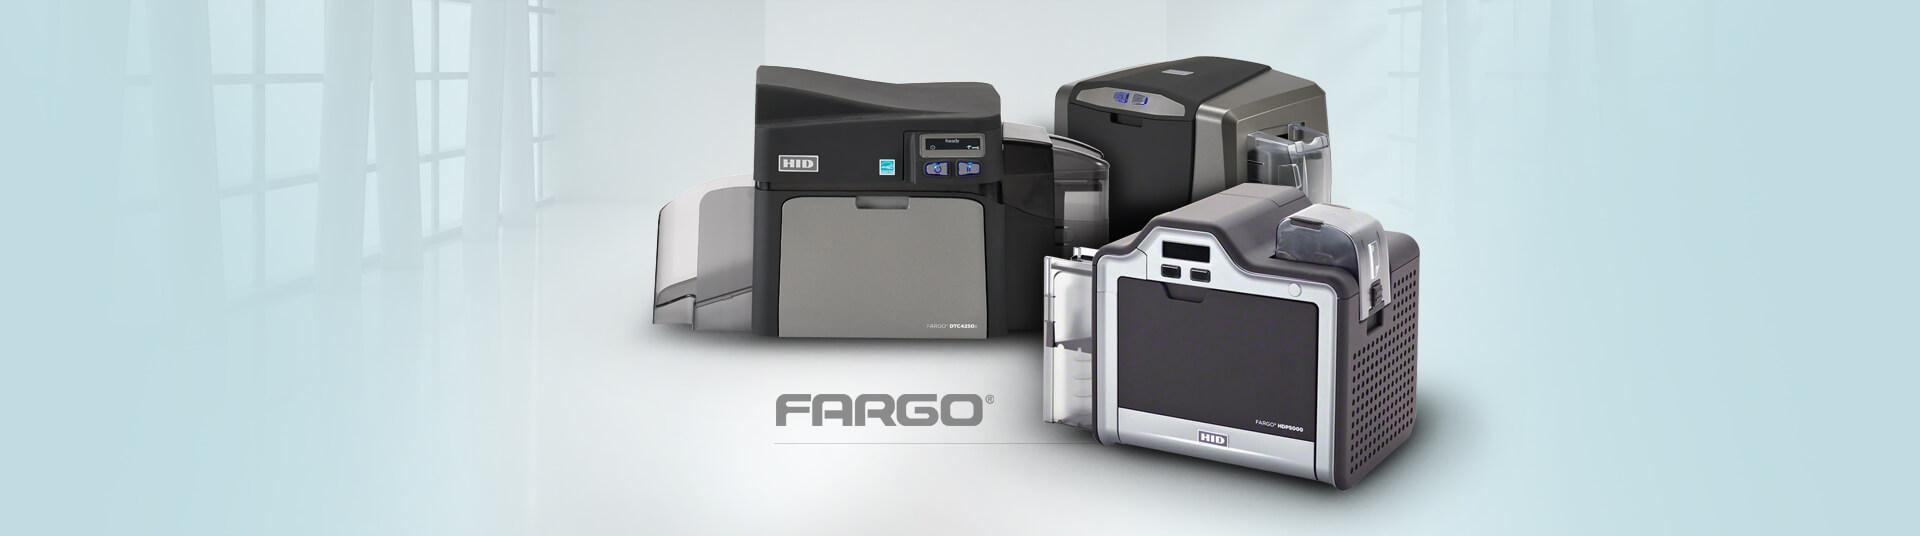 Fargo DTC